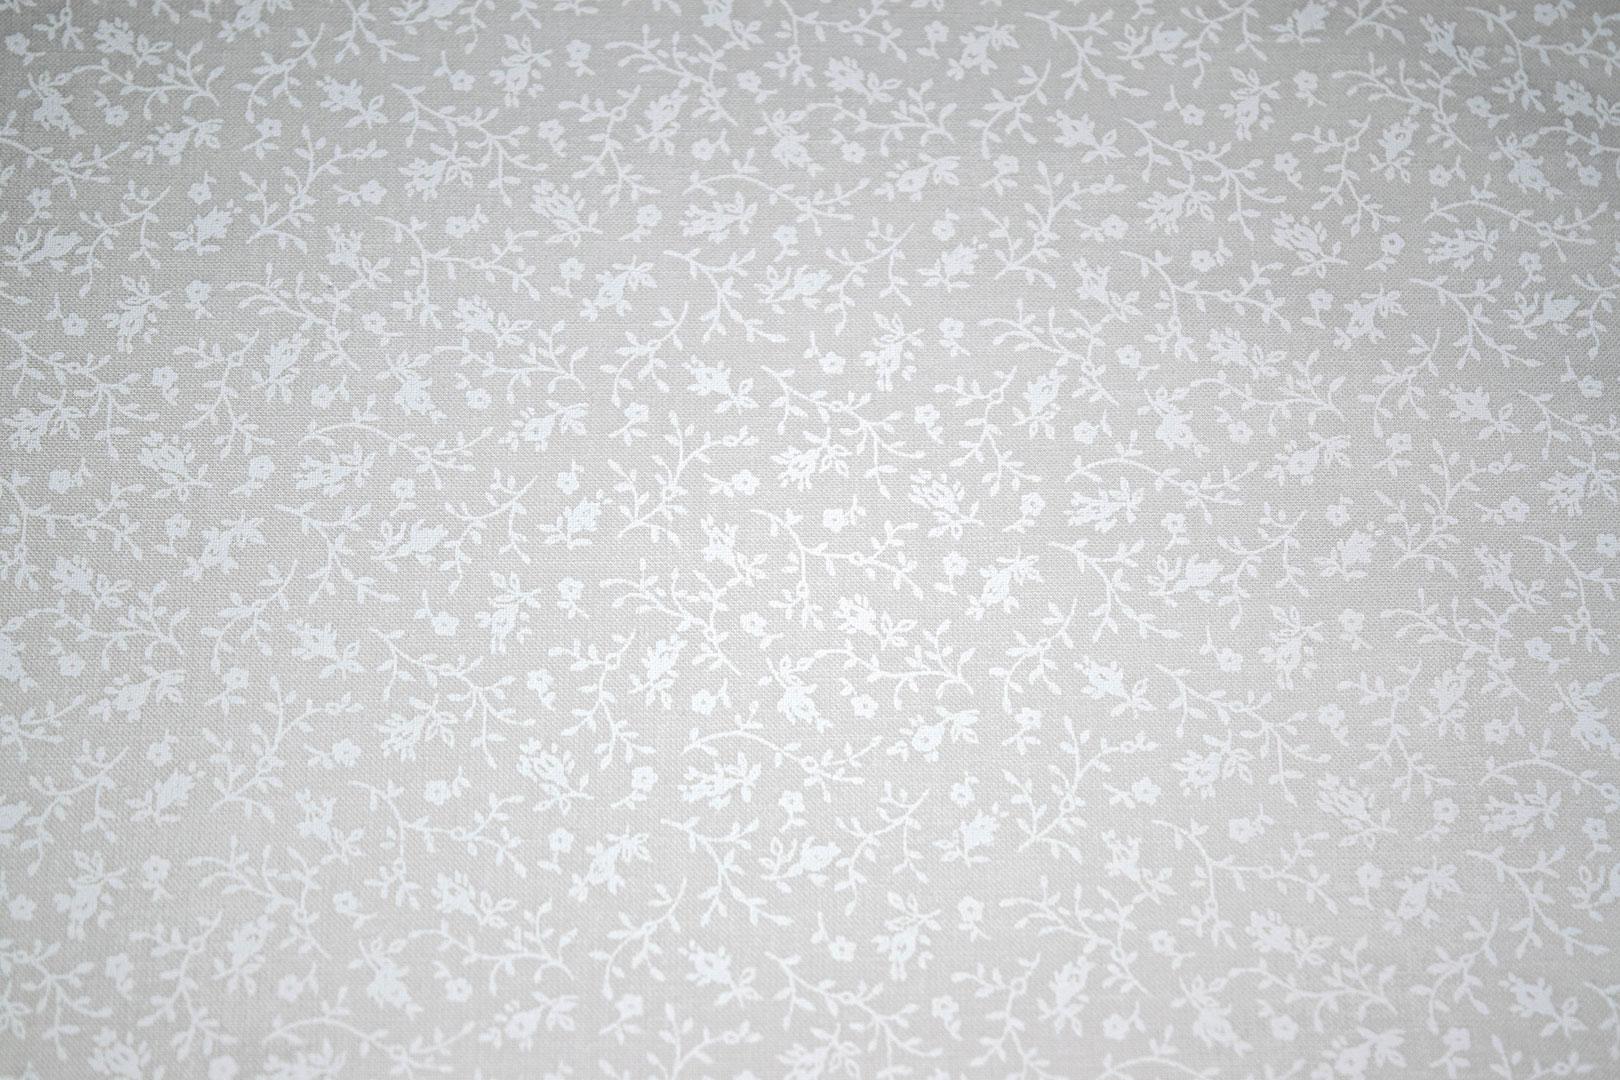 """12_22015_white/white   108"""" 68/68, 100% Carded Cotton"""